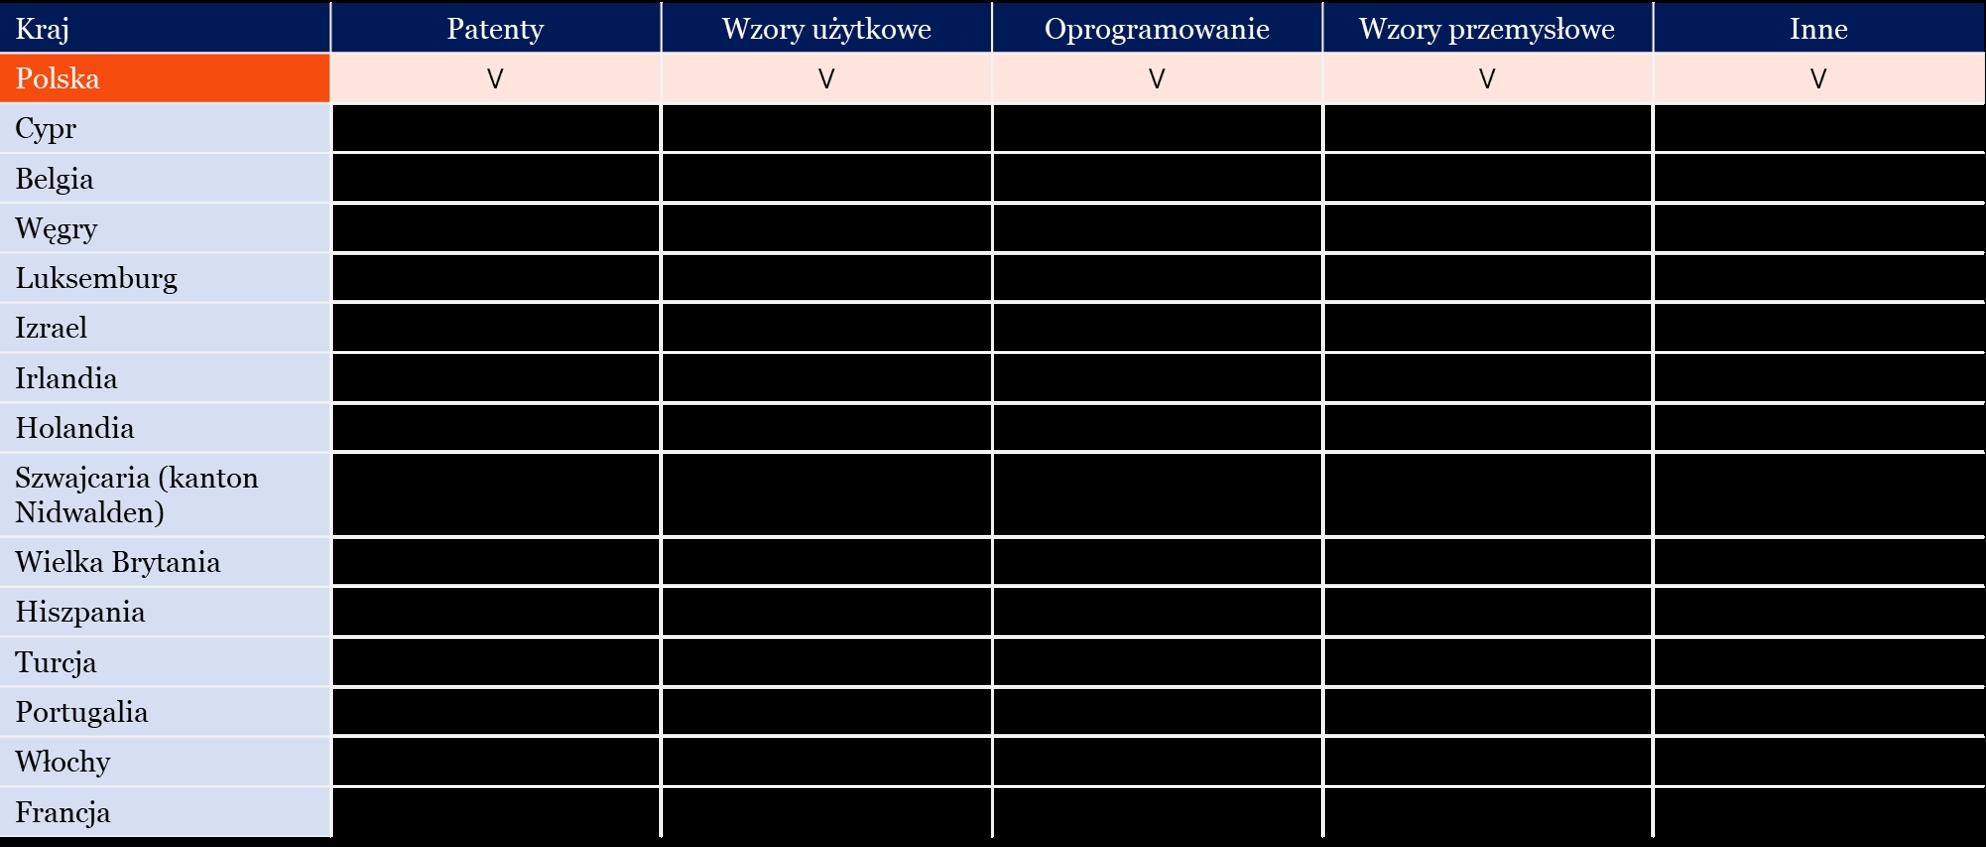 Typy kwalifikowanych form własności intelektualnej w poszczególnych krajach w ramach Innovation Box.